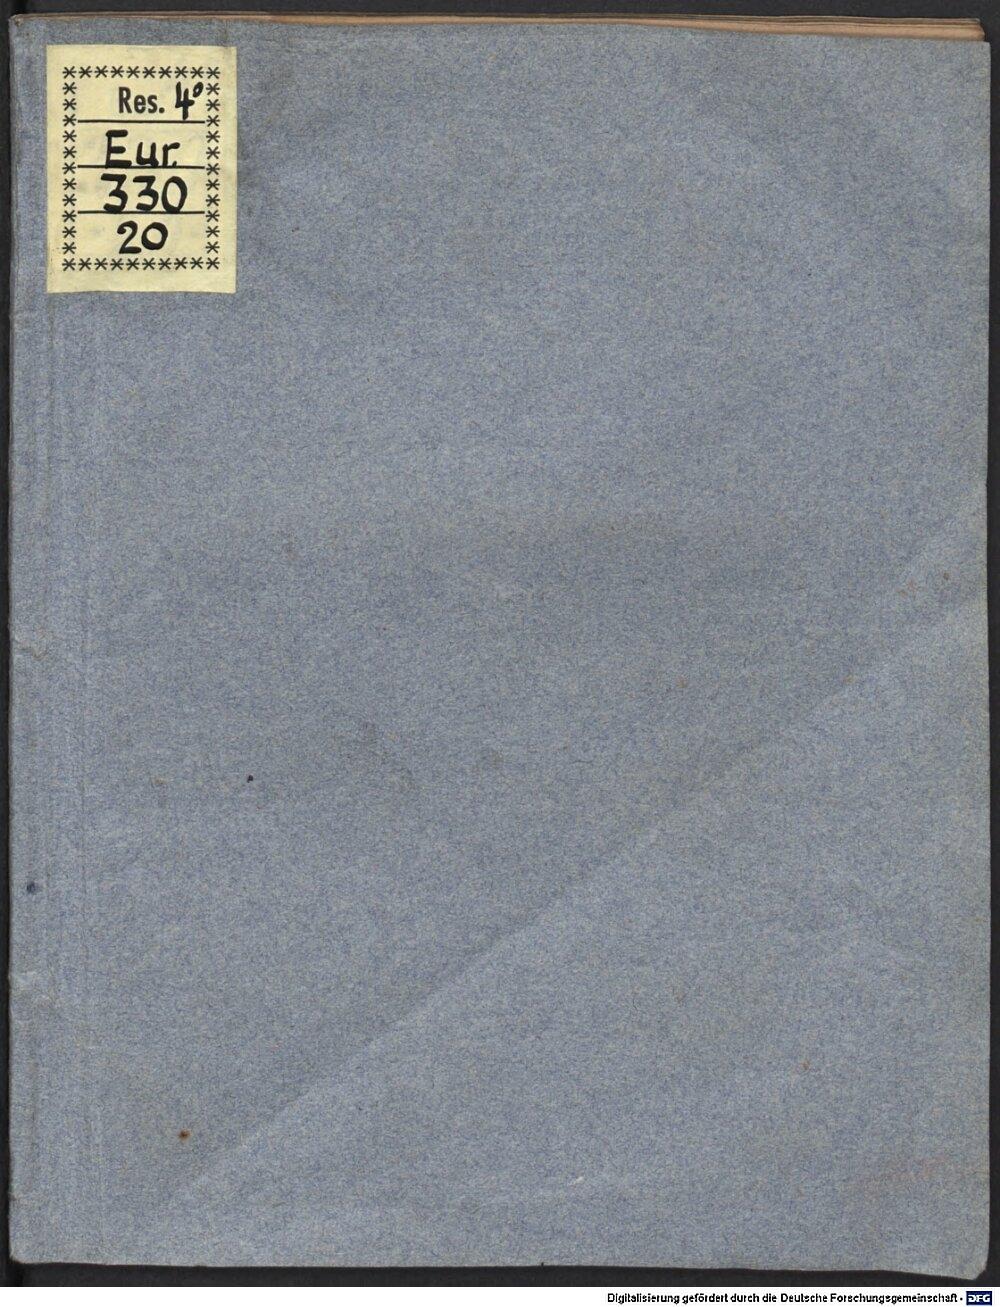 bsb00002520_00001.jpg